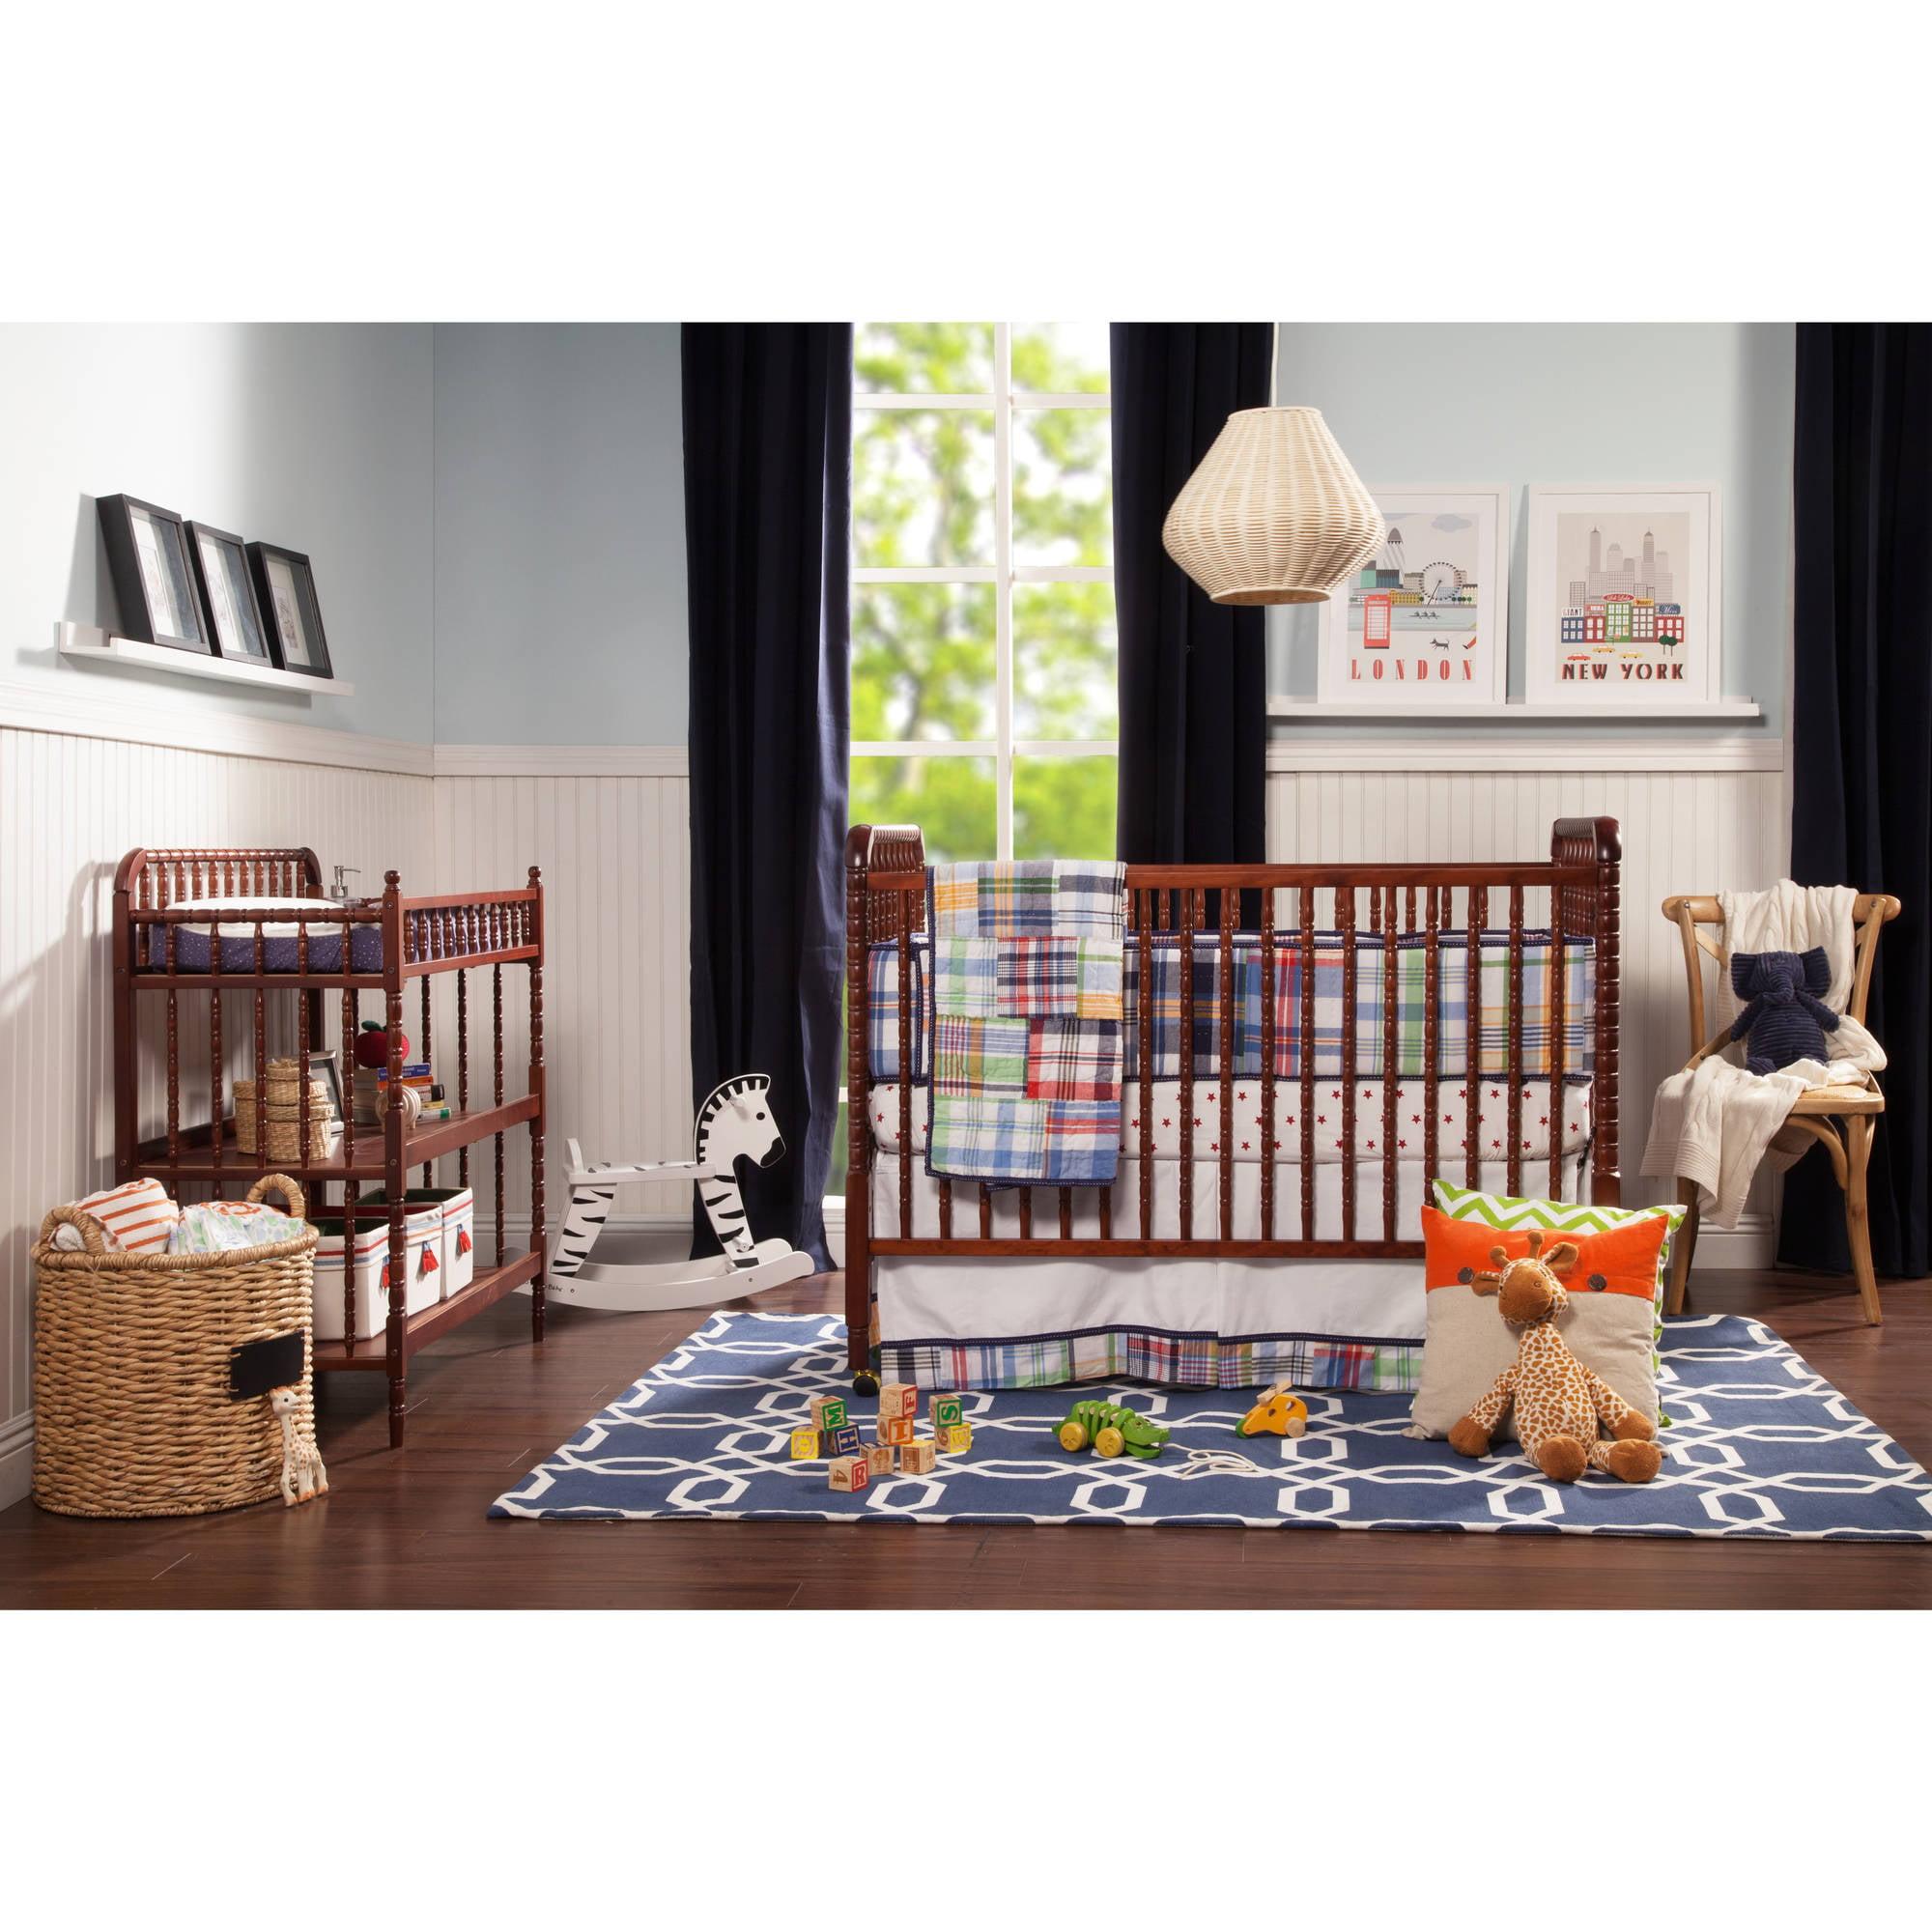 100 jenny lind toddler bed target jenny lind 3 in 1 convert